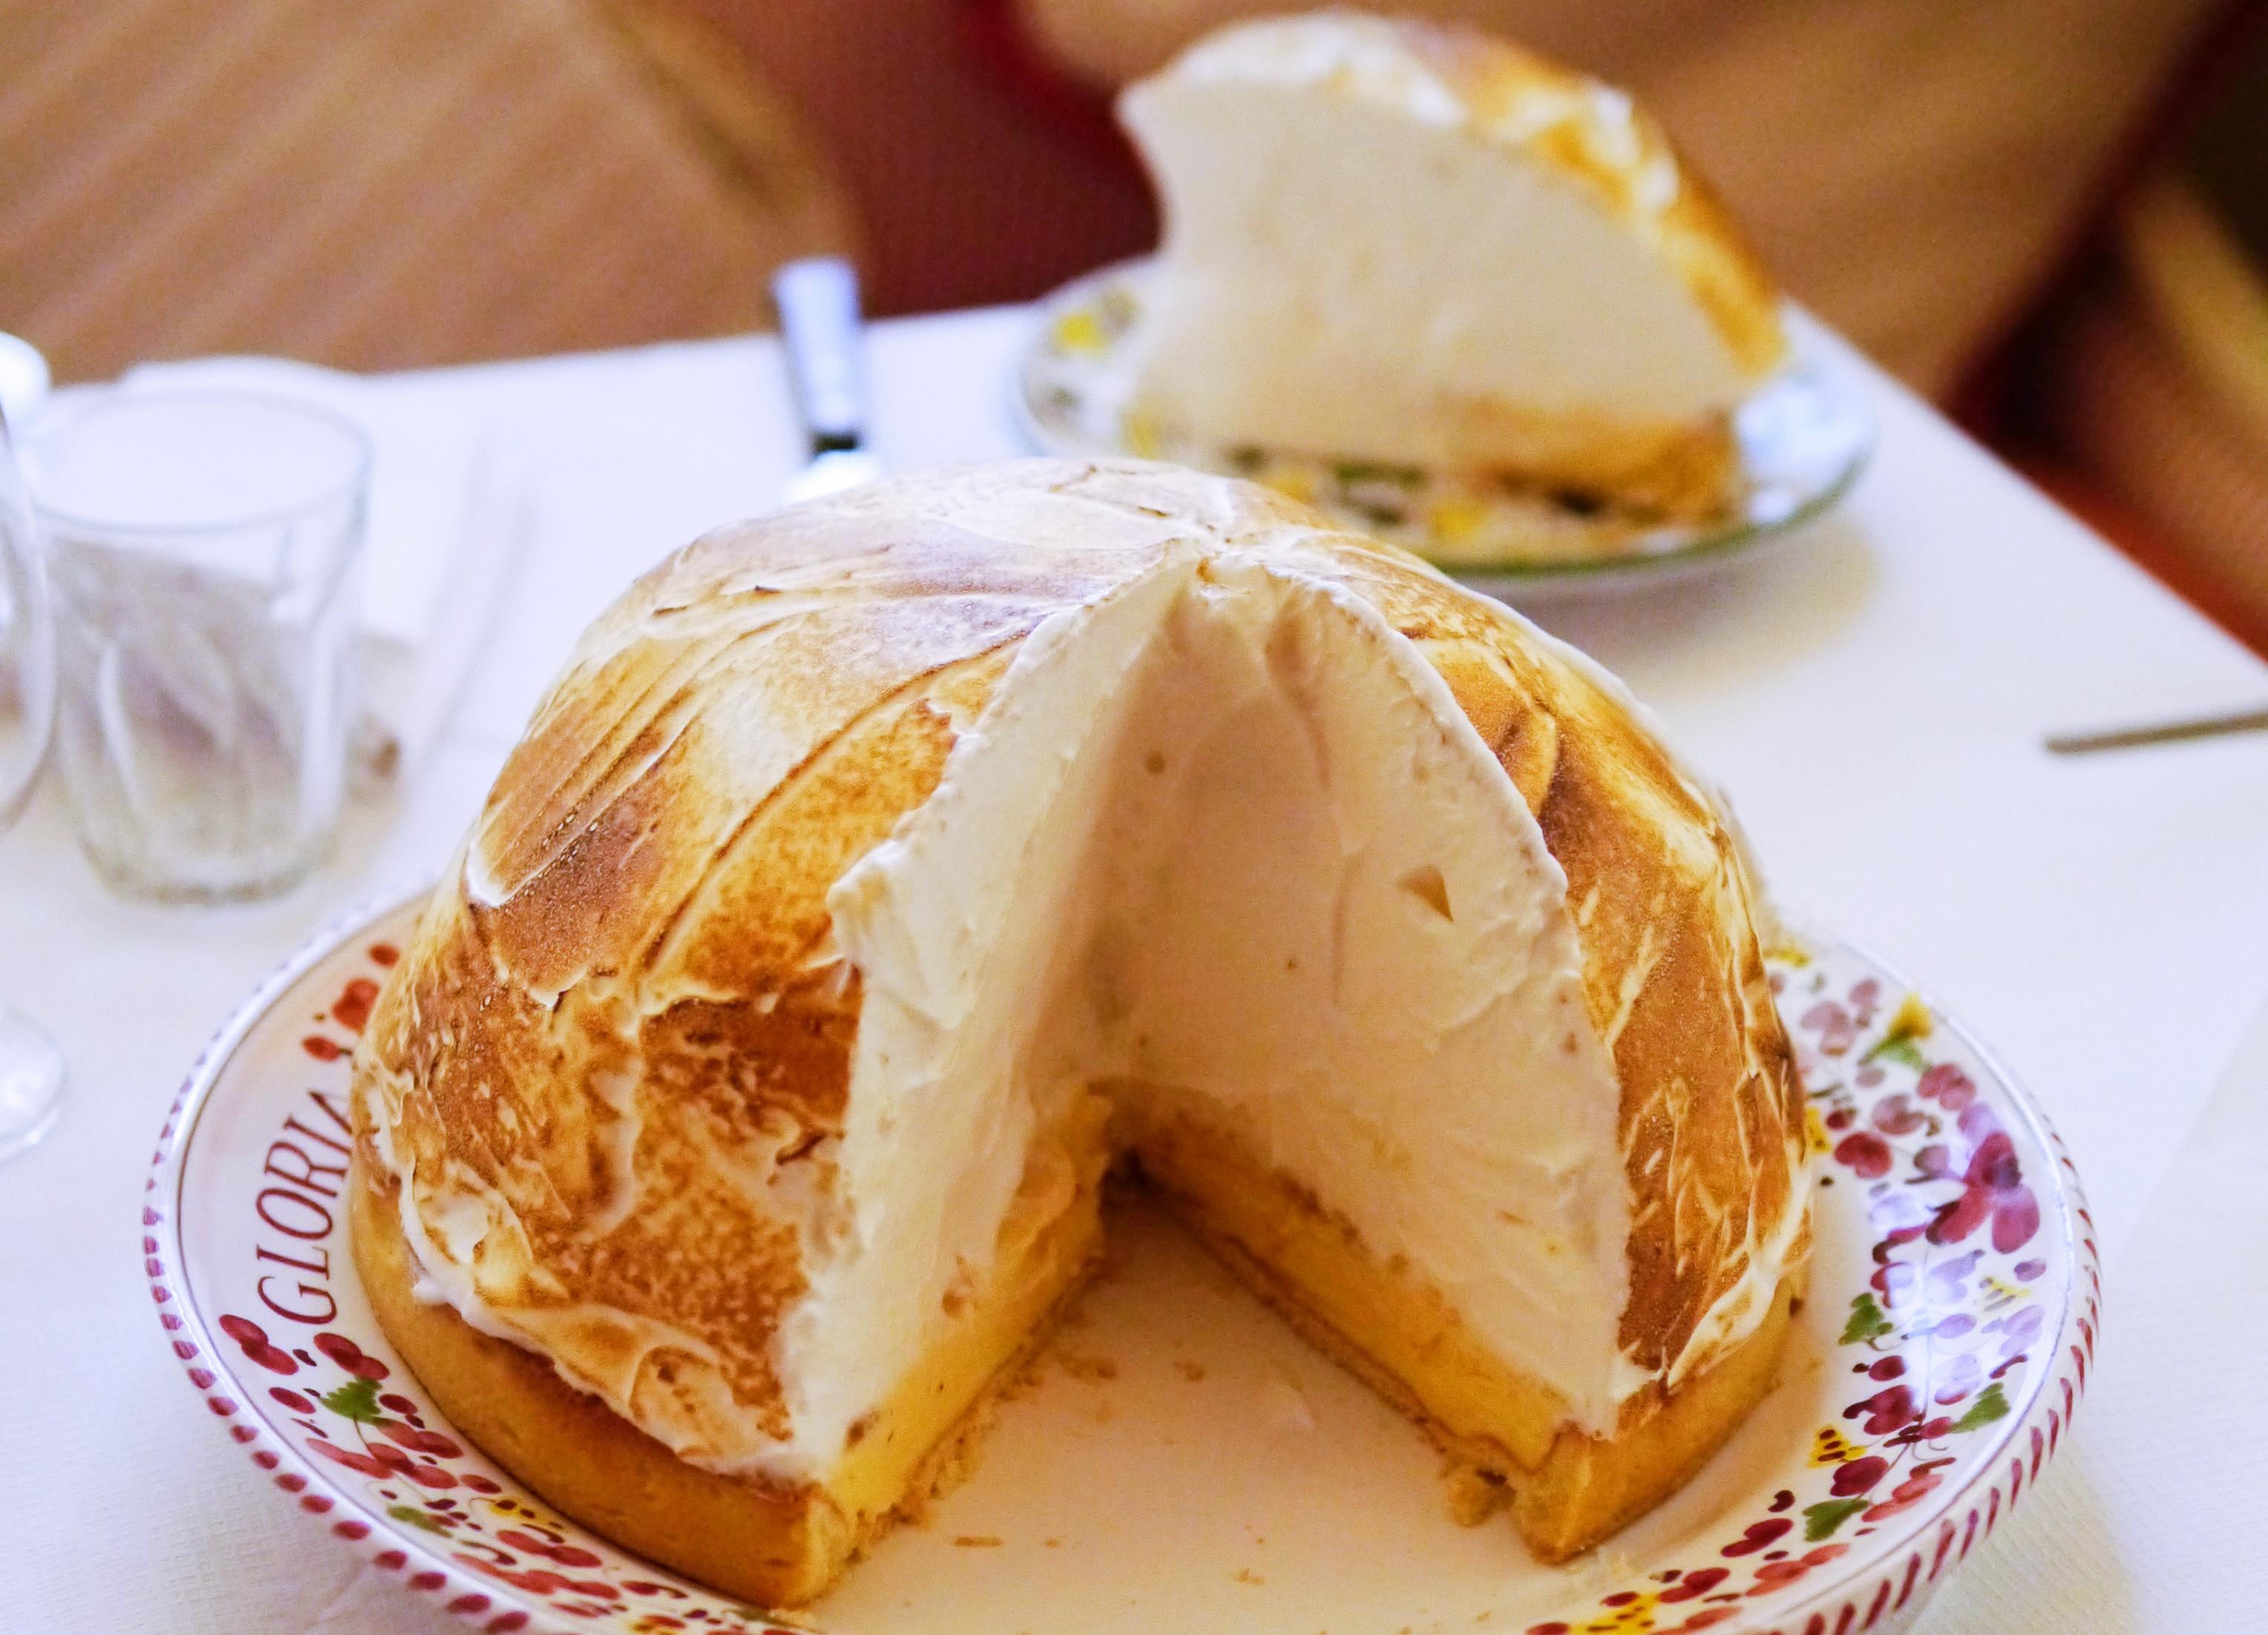 Lemon Meringue Pie Is a Zingy Dessert Trend Waiting to Happen